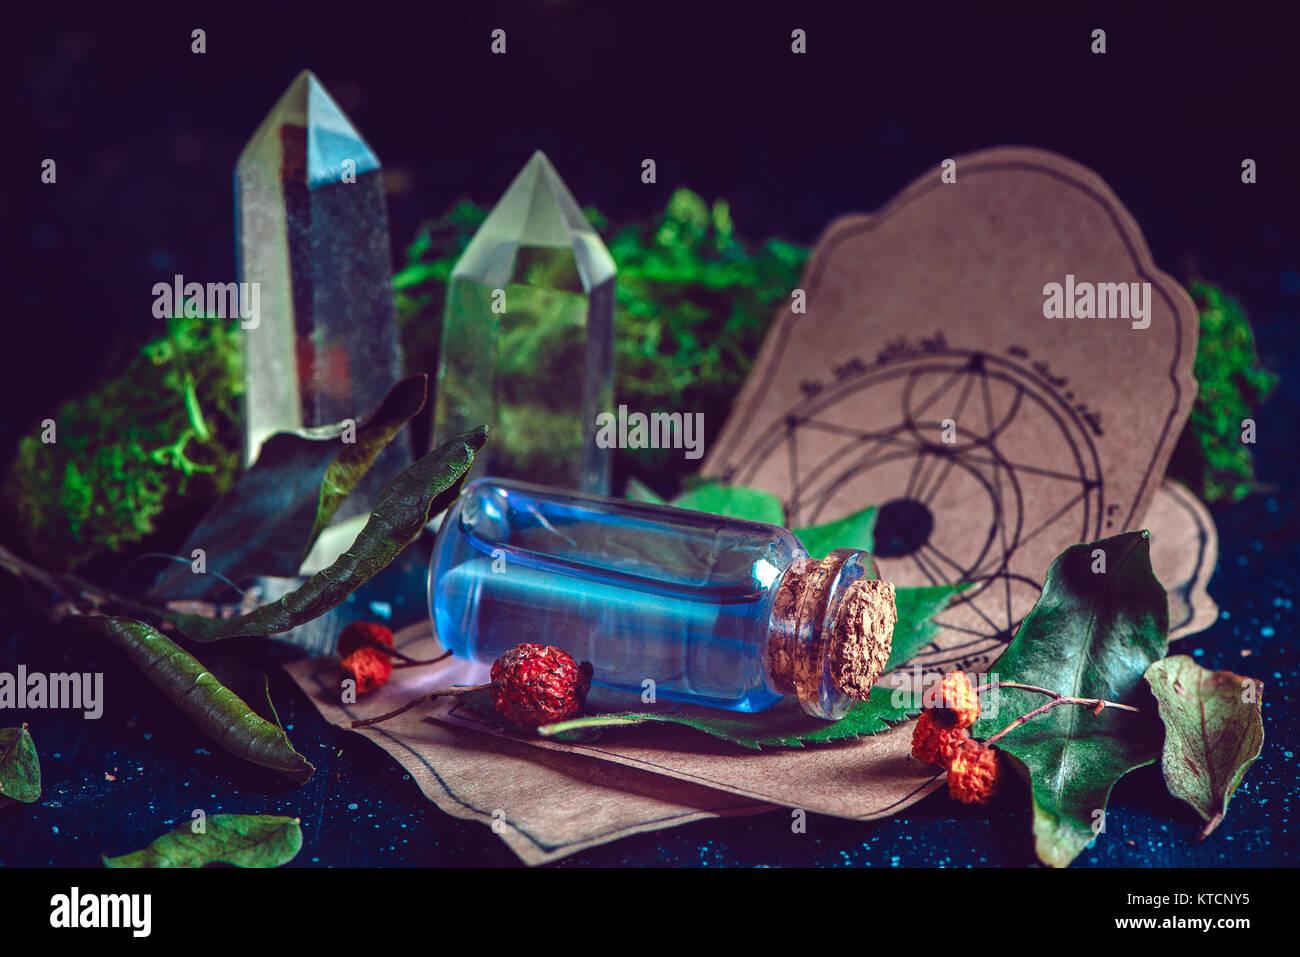 Potion bottle mit Zutaten, Kräuter, Moos, und Kristalle in eine magische Szene. Moderne Hexerei Konzept mit Stockbild